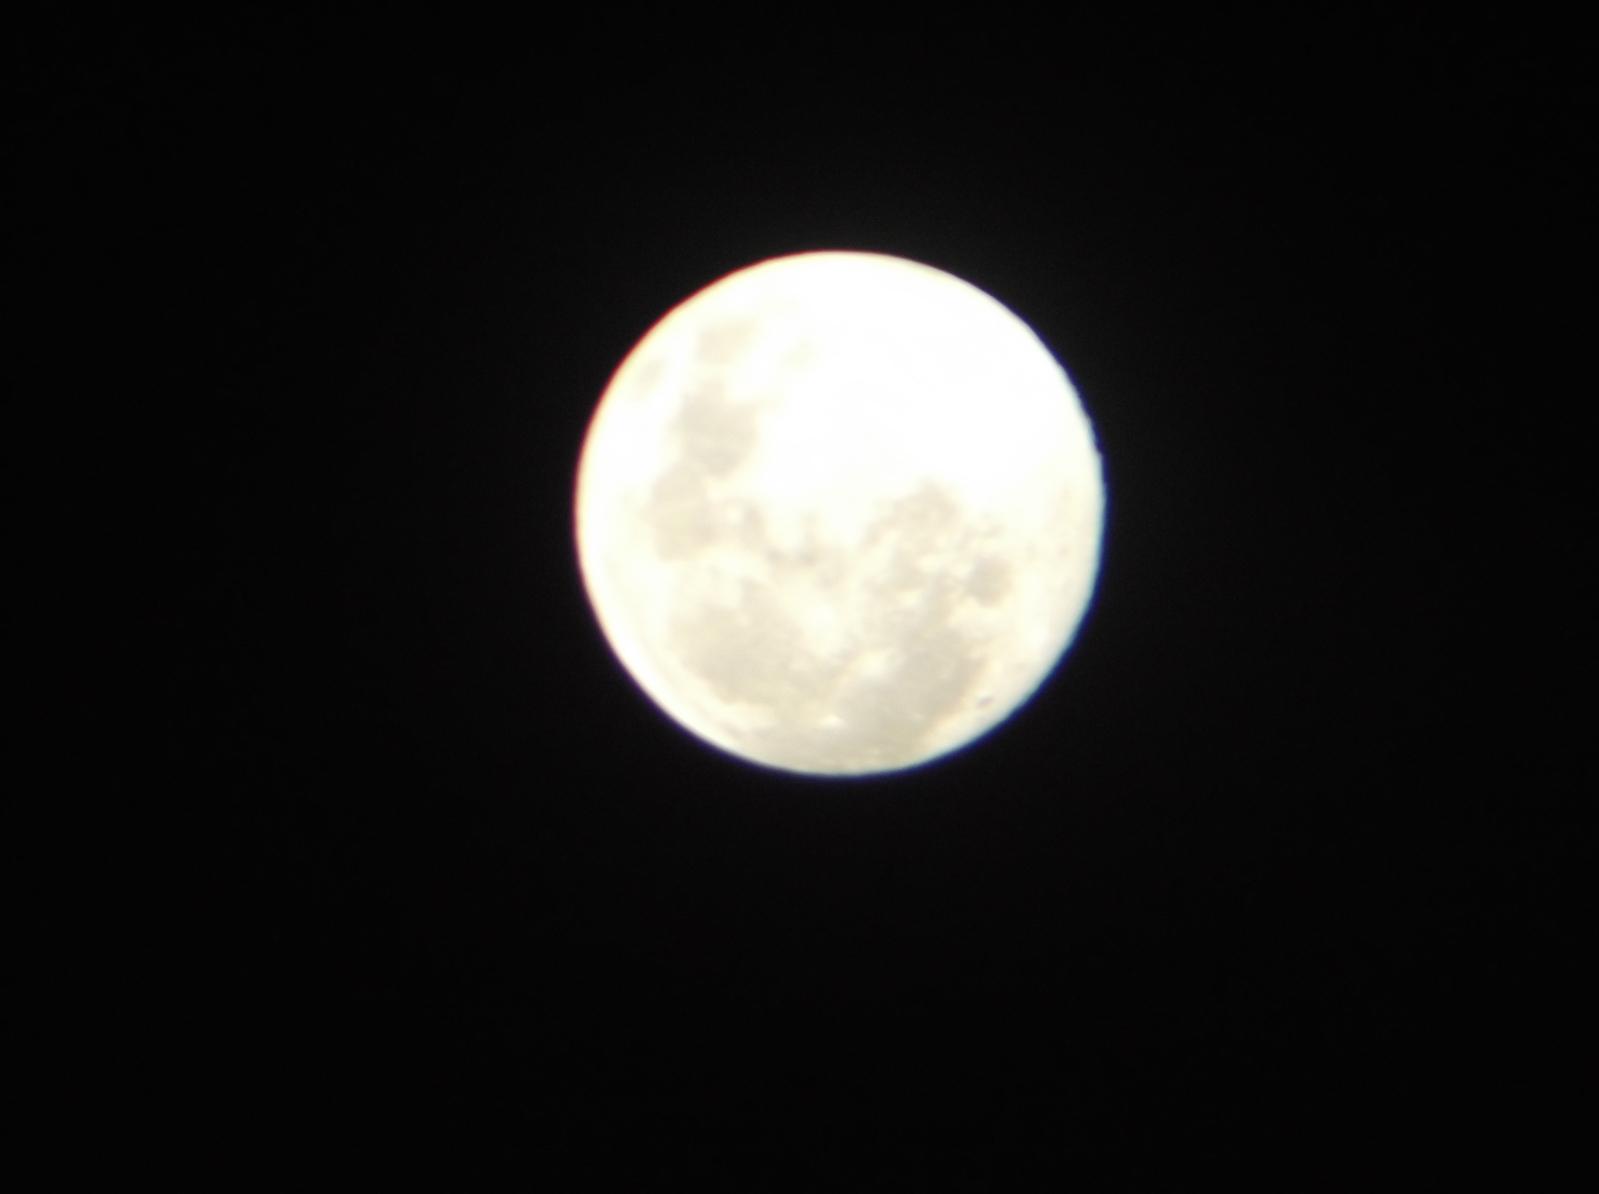 Fotos da Lua - Câmera compacta + Binóculo 10x50 Egxveh